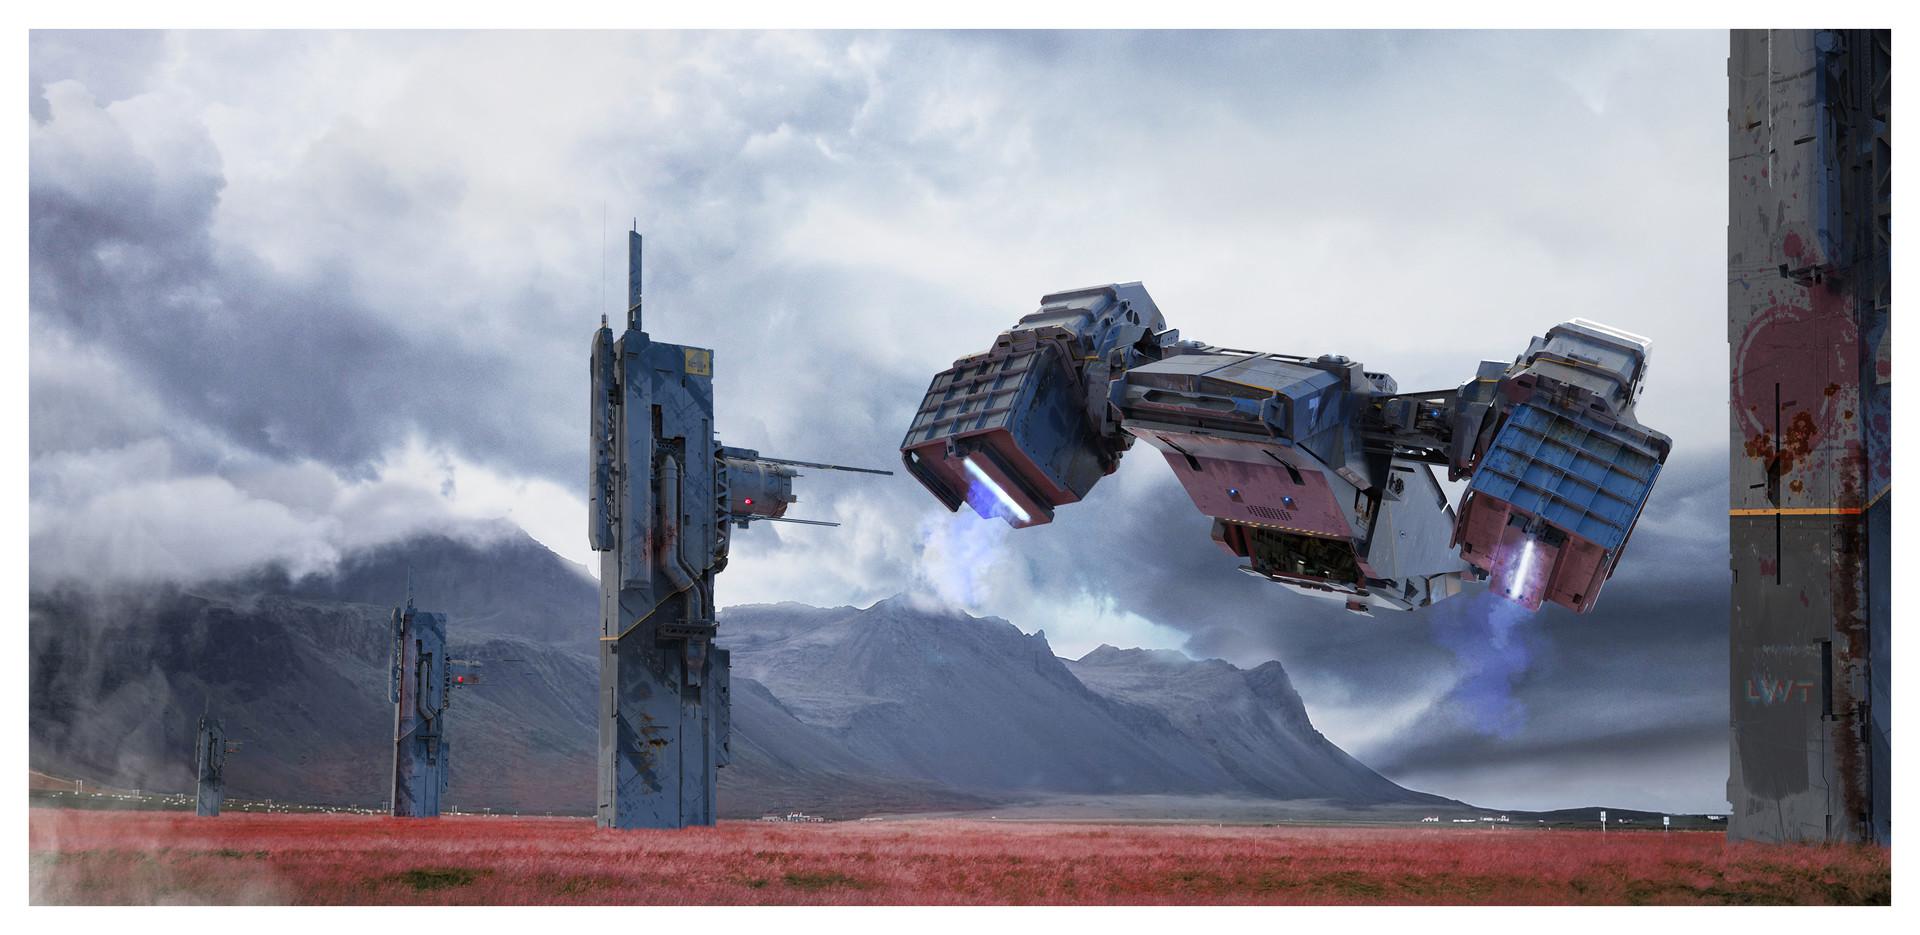 emrys-ryan-cargo-hauler.jpg?1533024028